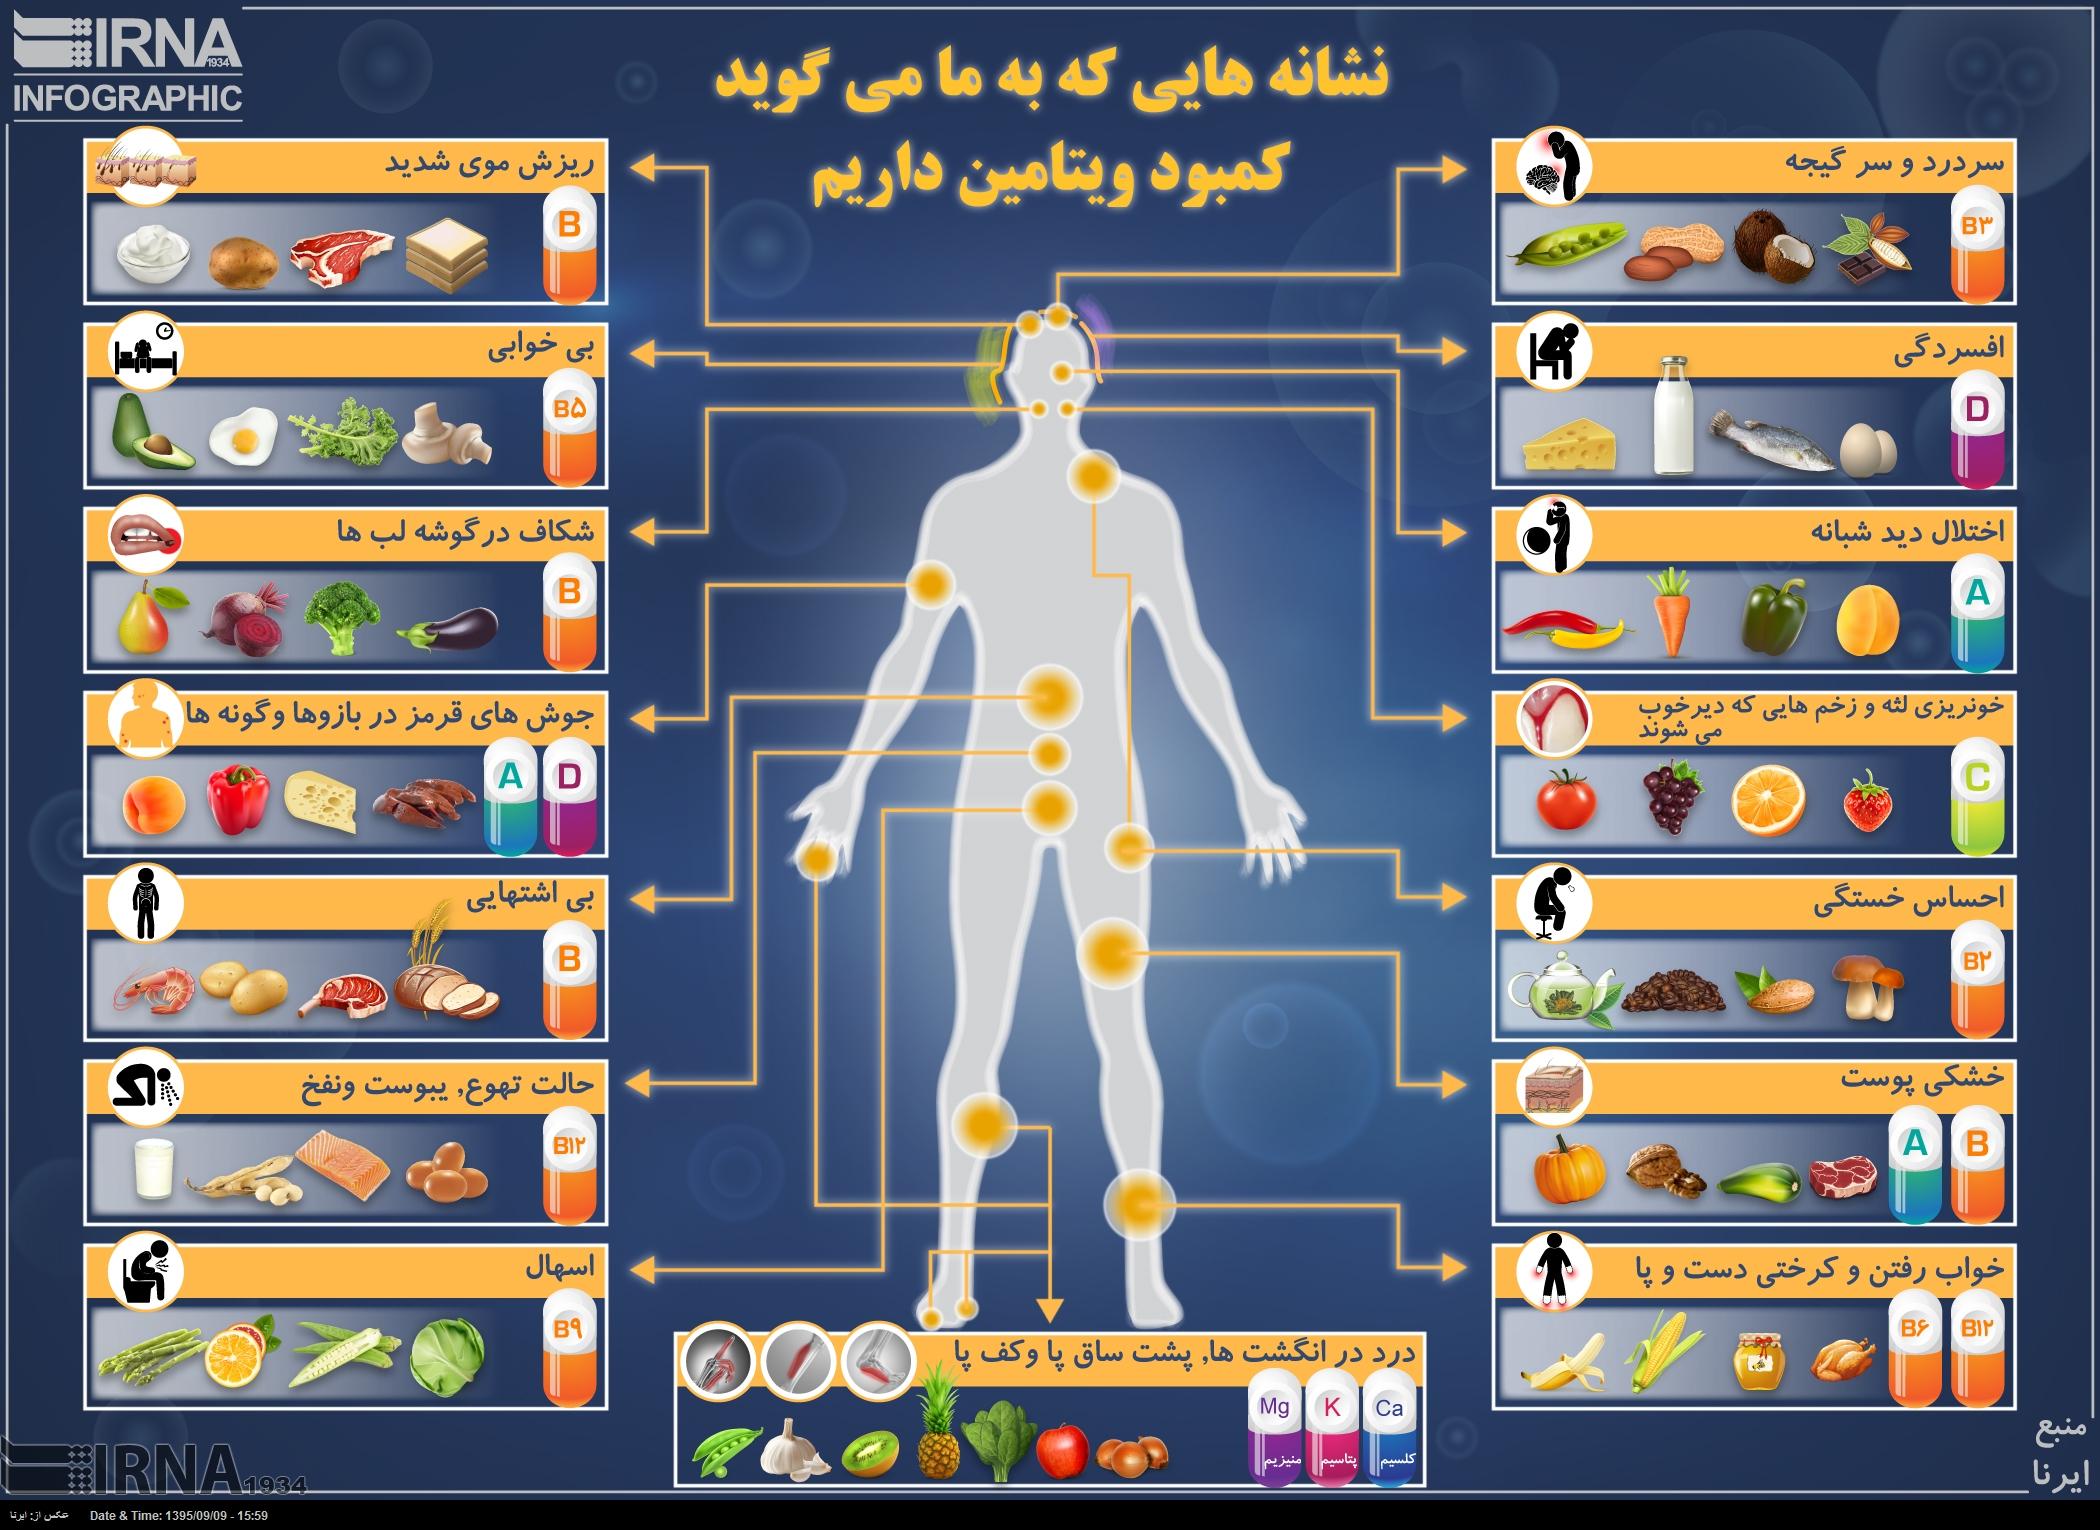 علائم کمبود ویتامین در بدن